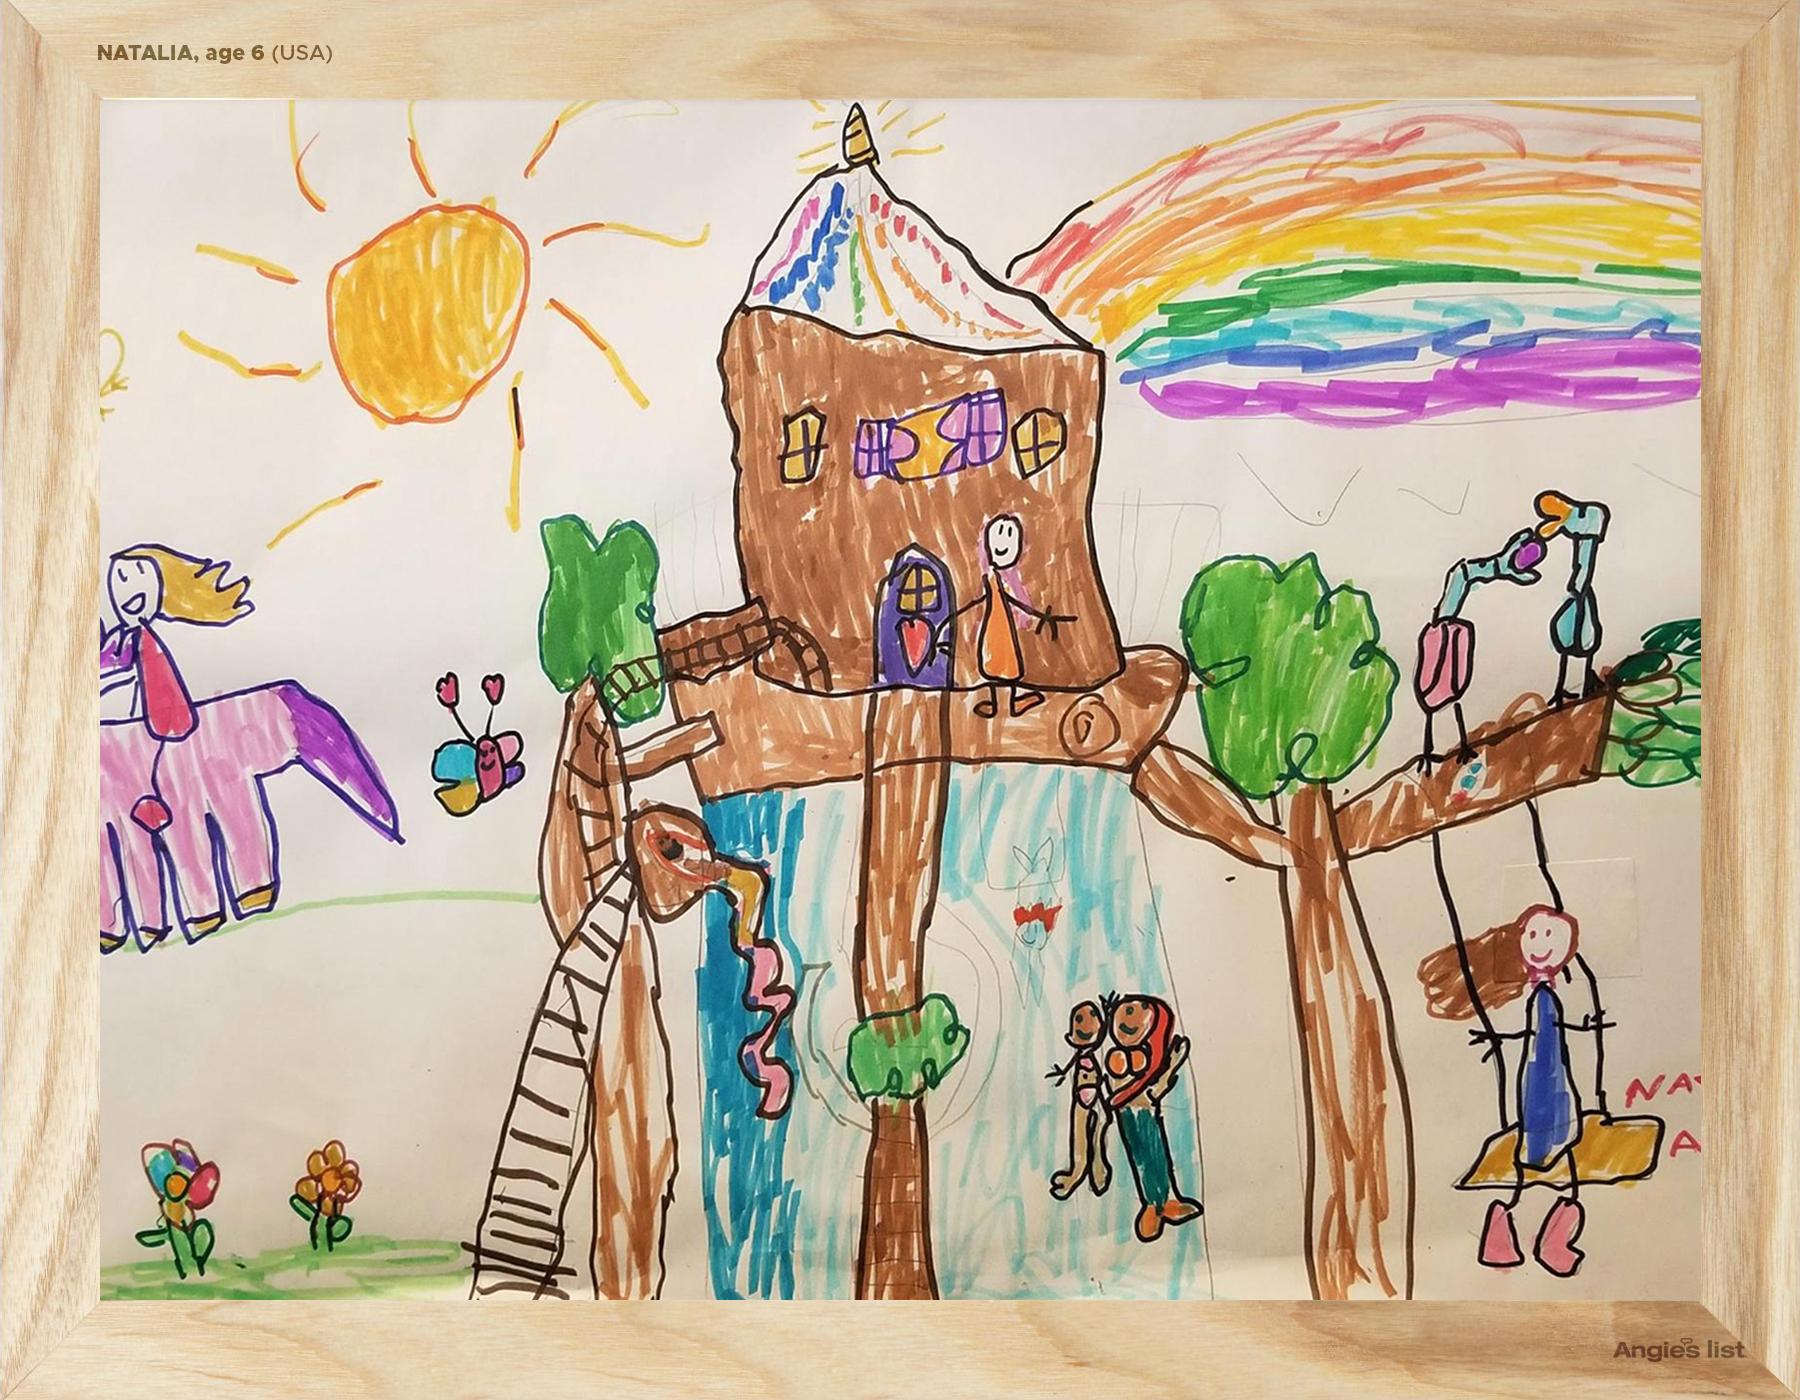 Natalia's Dream Backyard